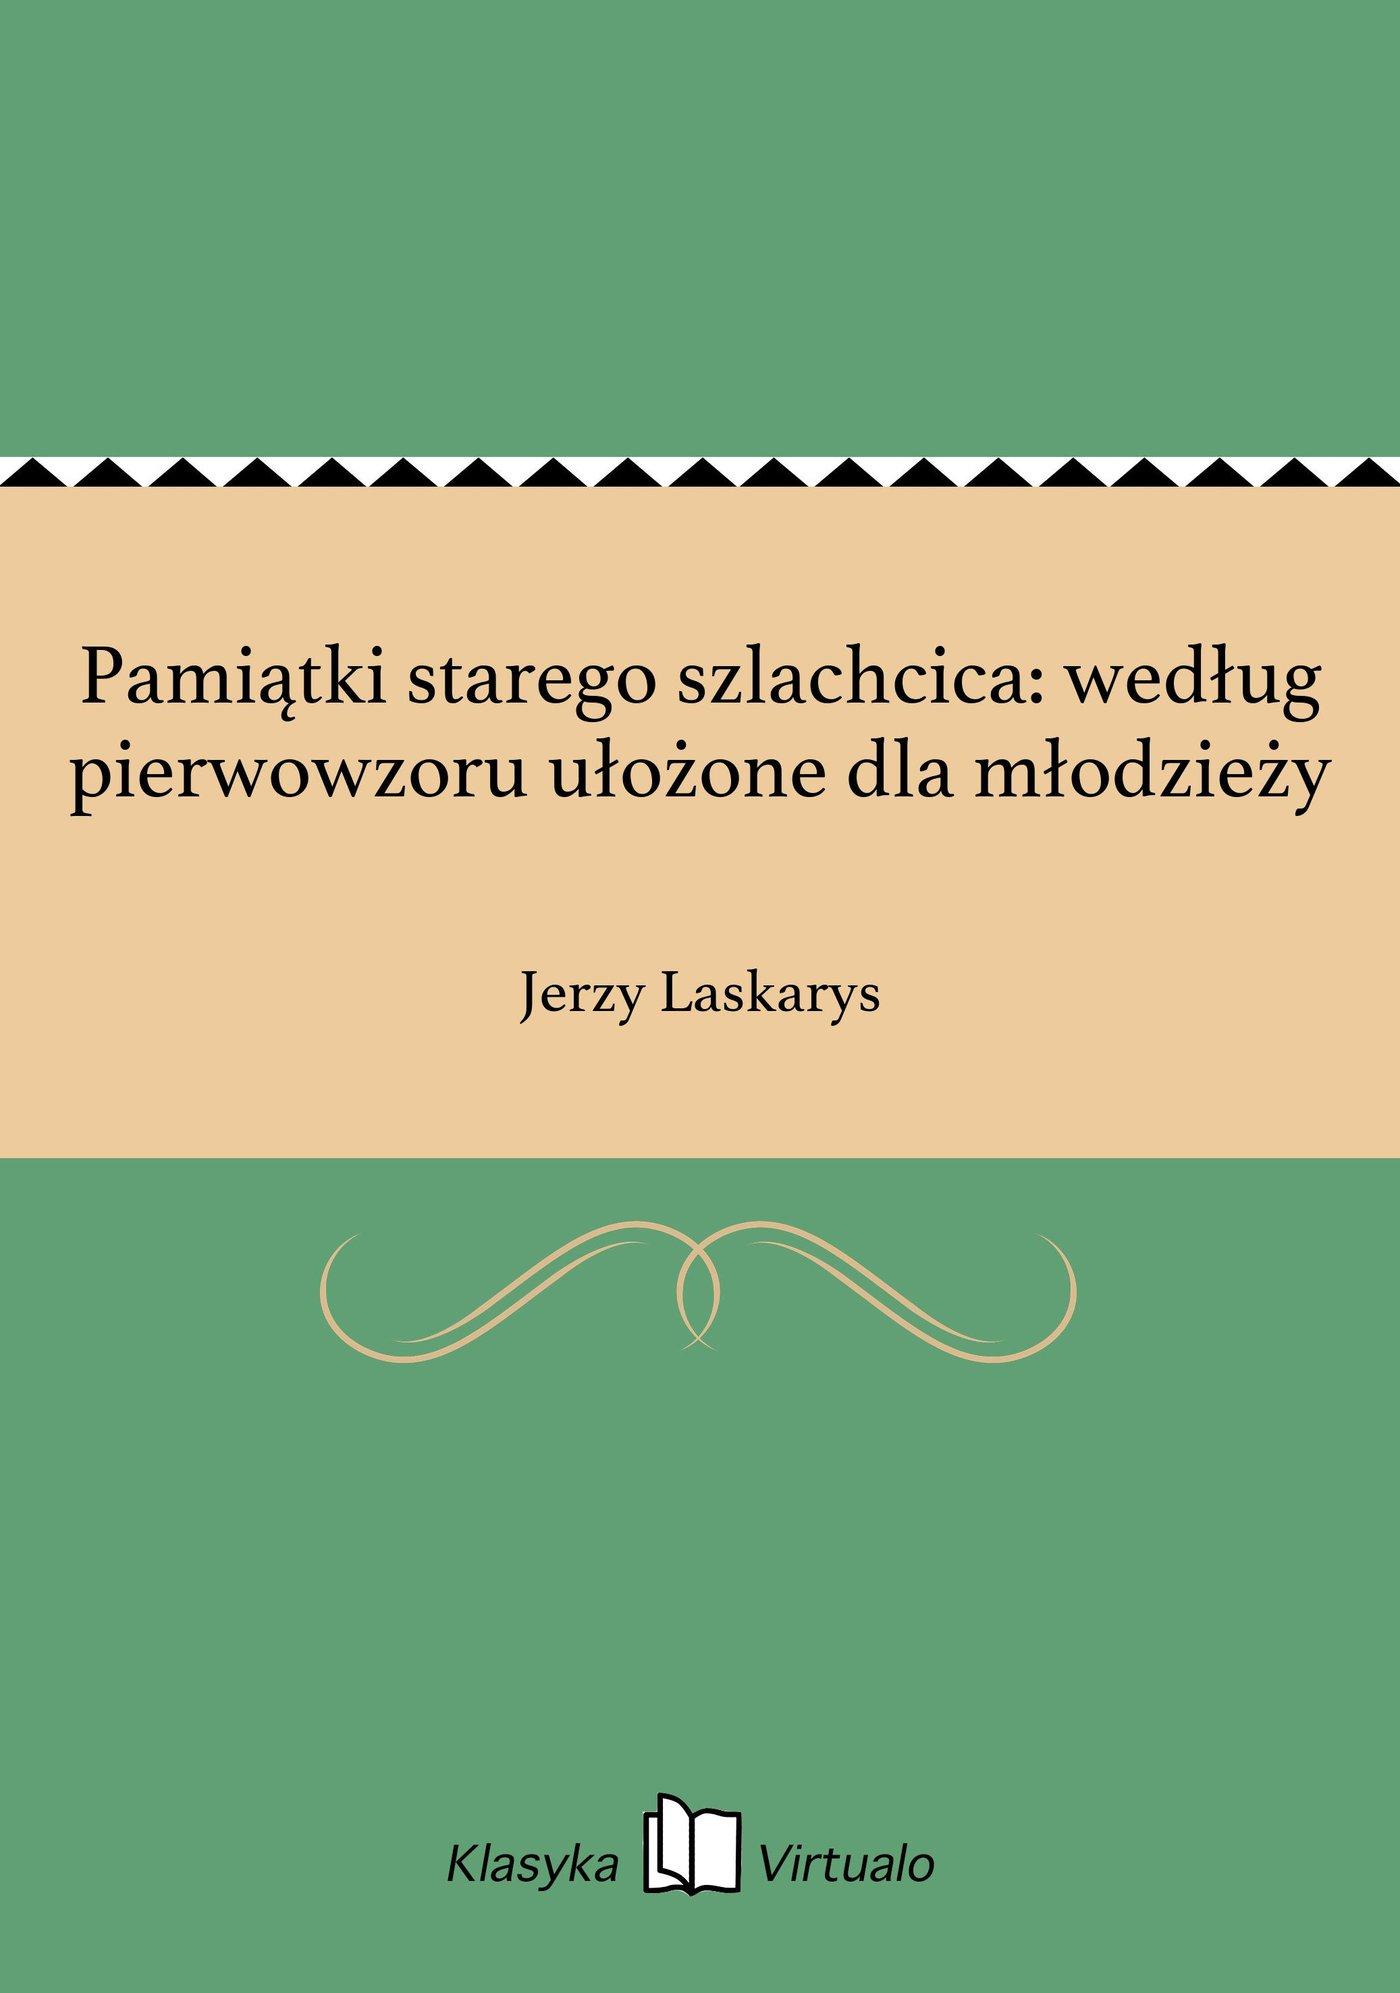 Pamiątki starego szlachcica: według pierwowzoru ułożone dla młodzieży - Ebook (Książka na Kindle) do pobrania w formacie MOBI